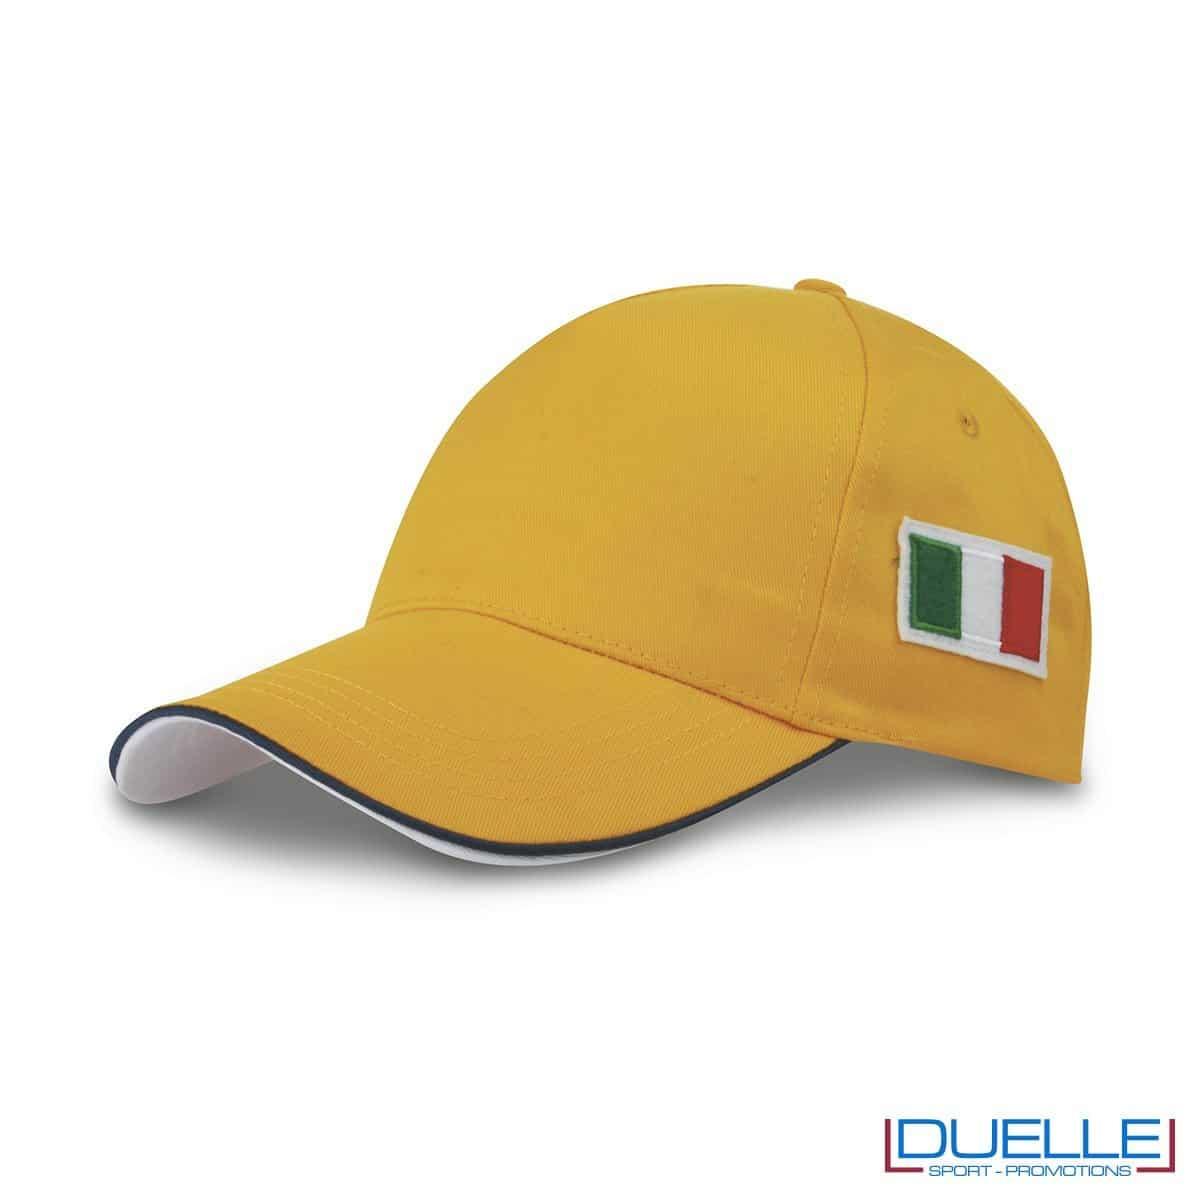 cappellino personalizzato 5 pannelli con bandiera tricolore colore giallo